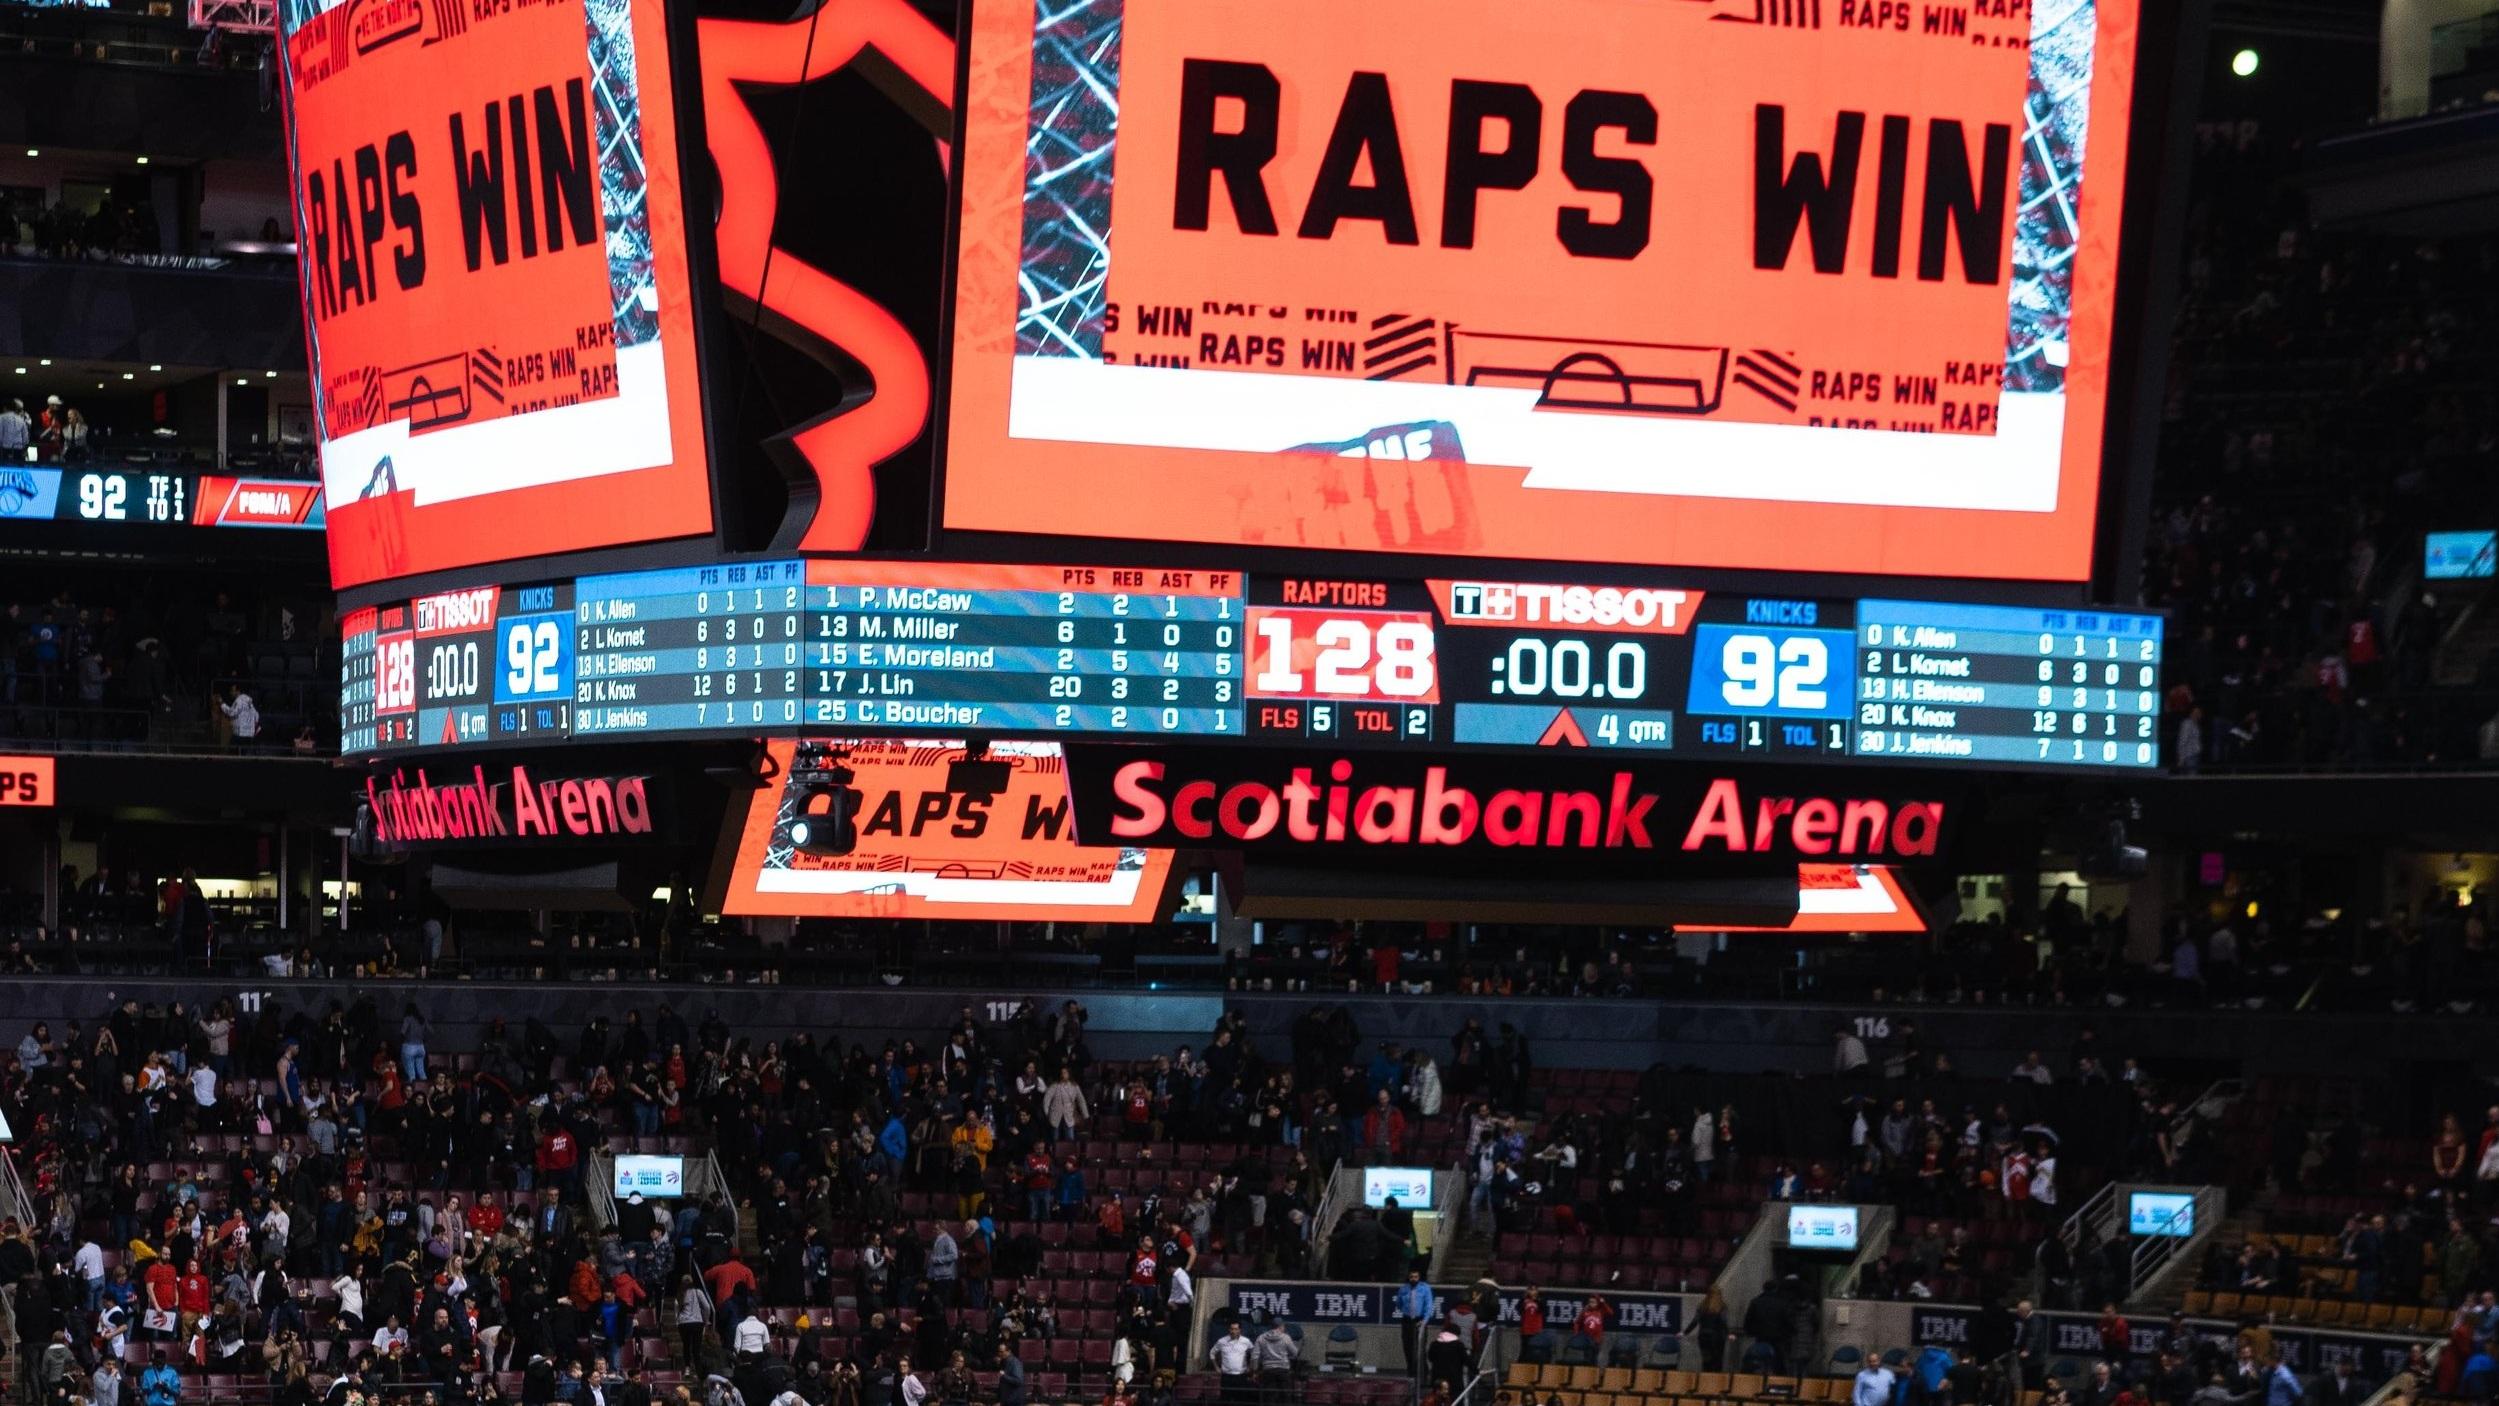 Scotiabank Arena - I många år hette den Air Canada Center men arenan bytte inför säsongen 2018/2019 namn till Scotiabank Arena. Multiarenan hemmaborg åt såväl Raports som NHL-laget Toronto Maple Leafs. Den har en publikkapacitet på 19 800. Från Union Station kan man ta sig till arenan med buss och tåg och via arenans hemsida finns ett verktyg för att planera sin resa dit utifrån var man bor i staden.